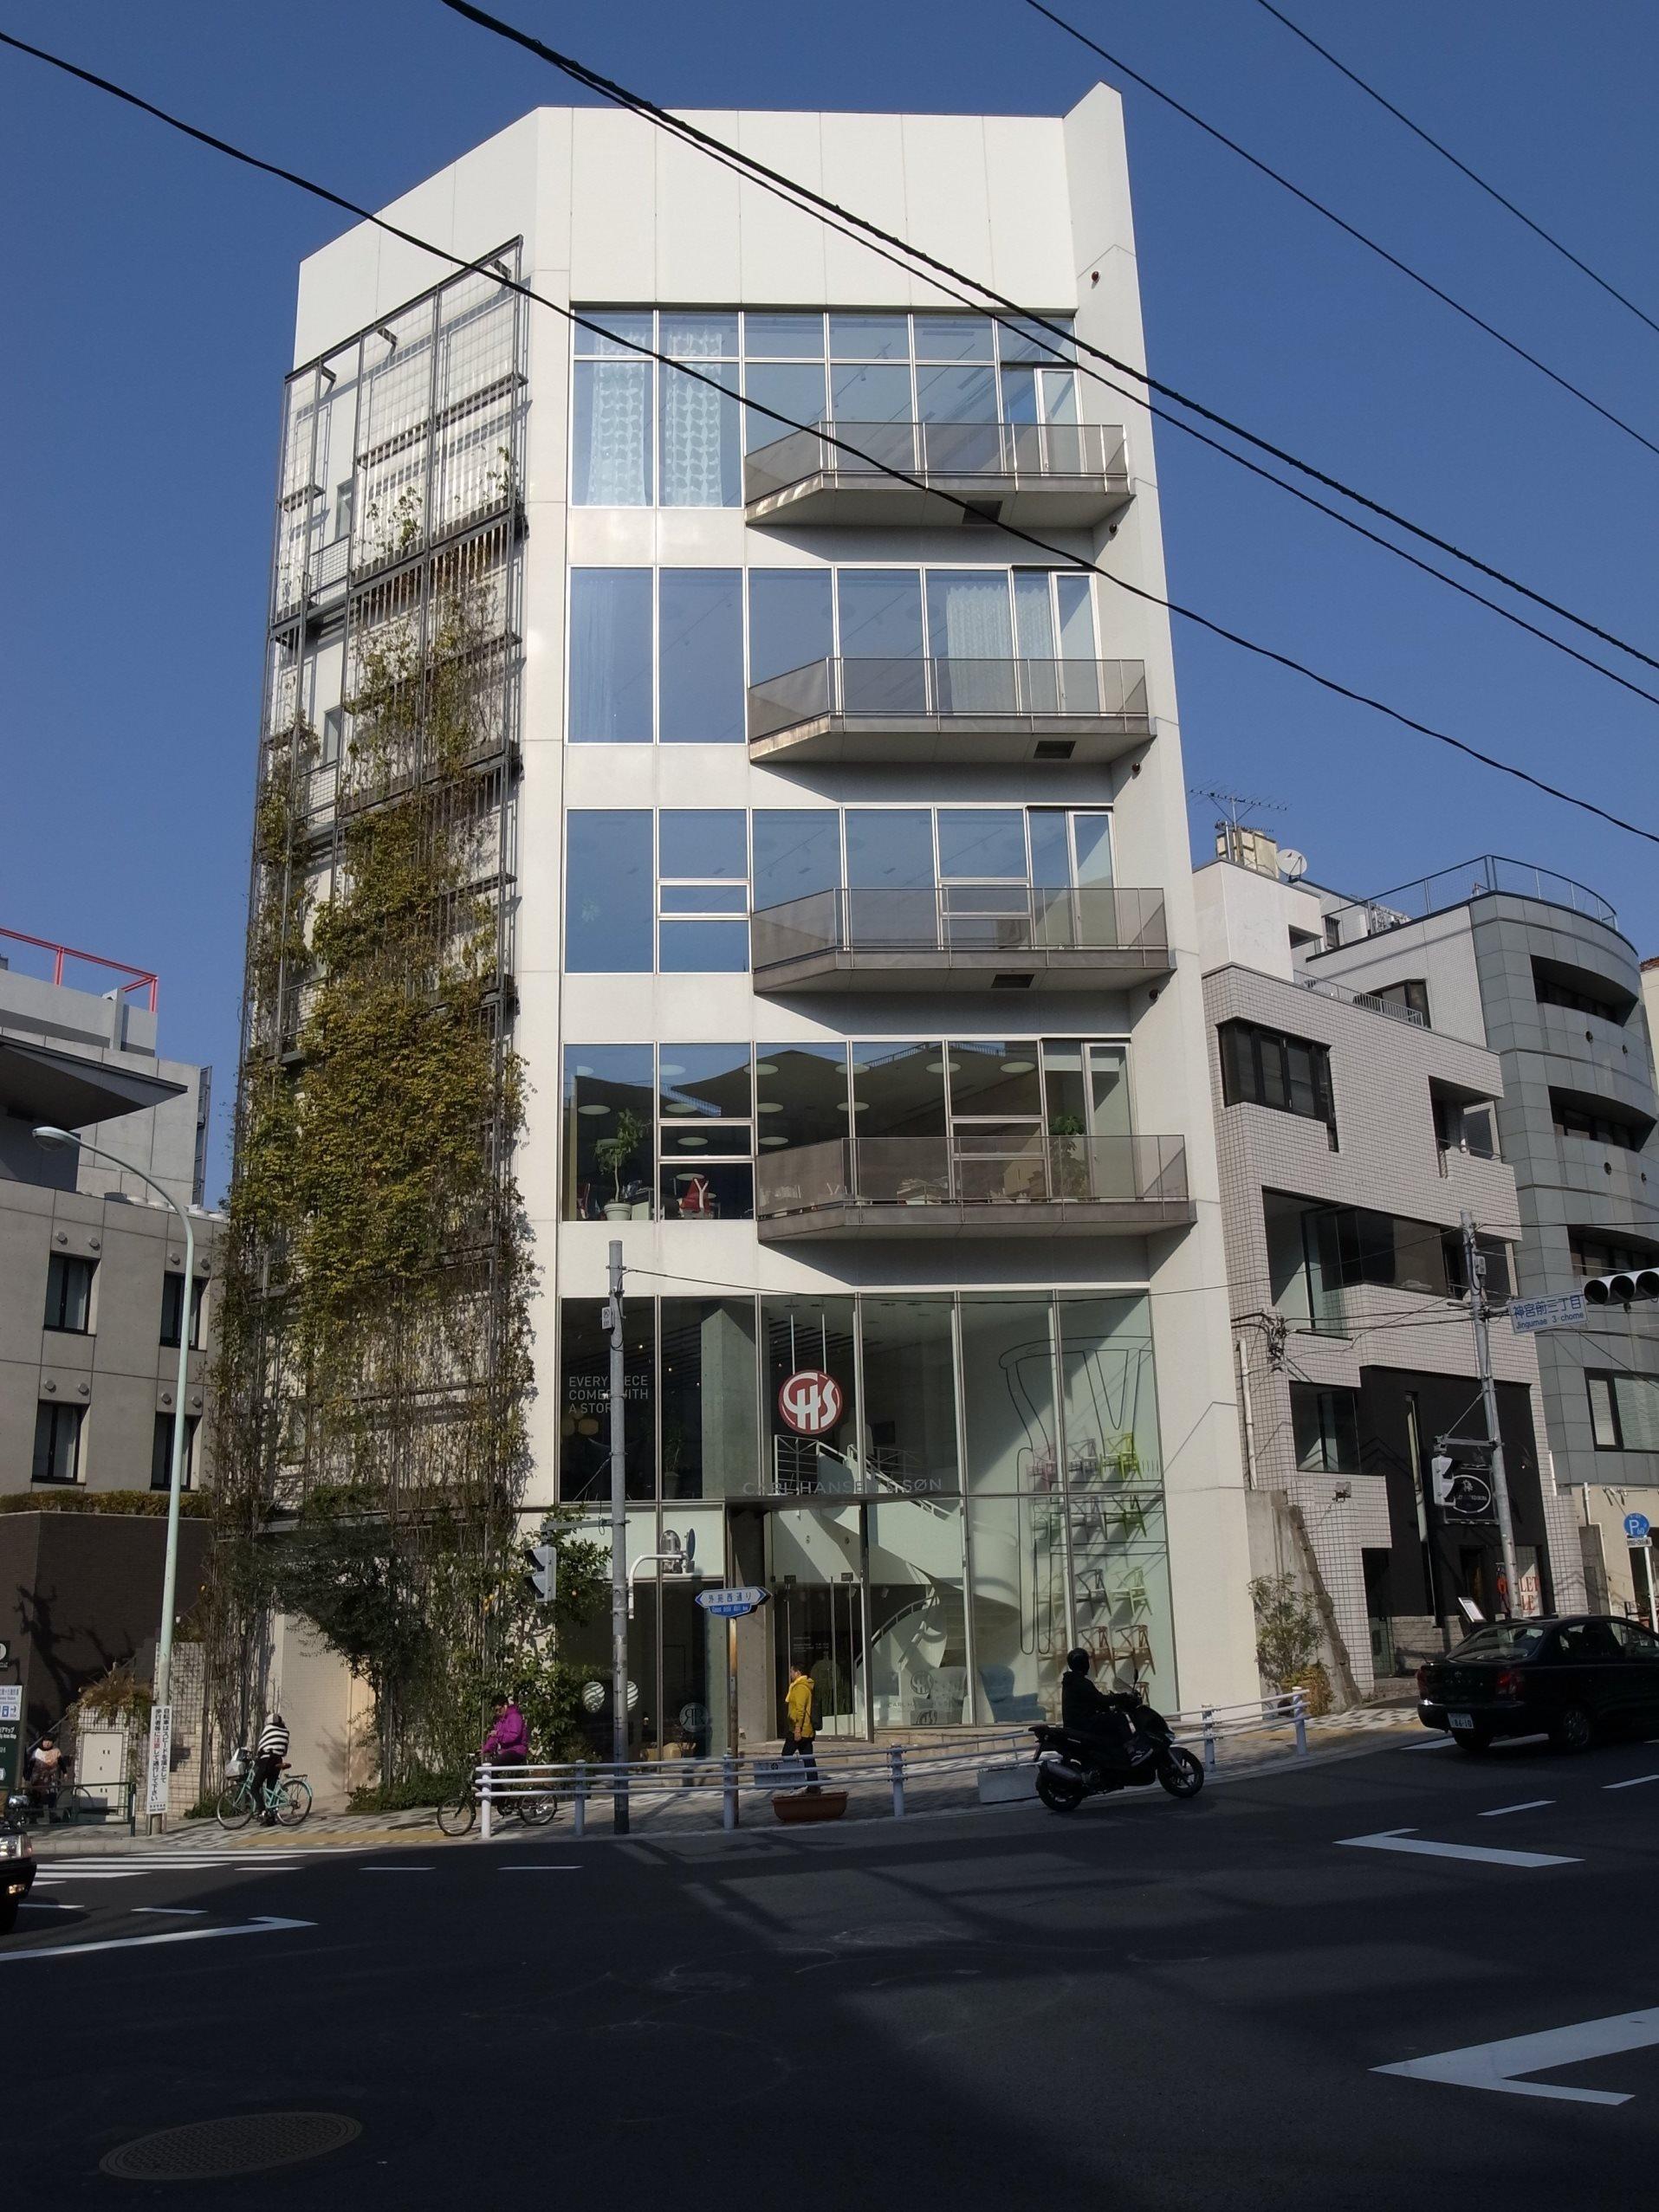 青山のスペシャライズド コンセプト ストアが新宿に移転